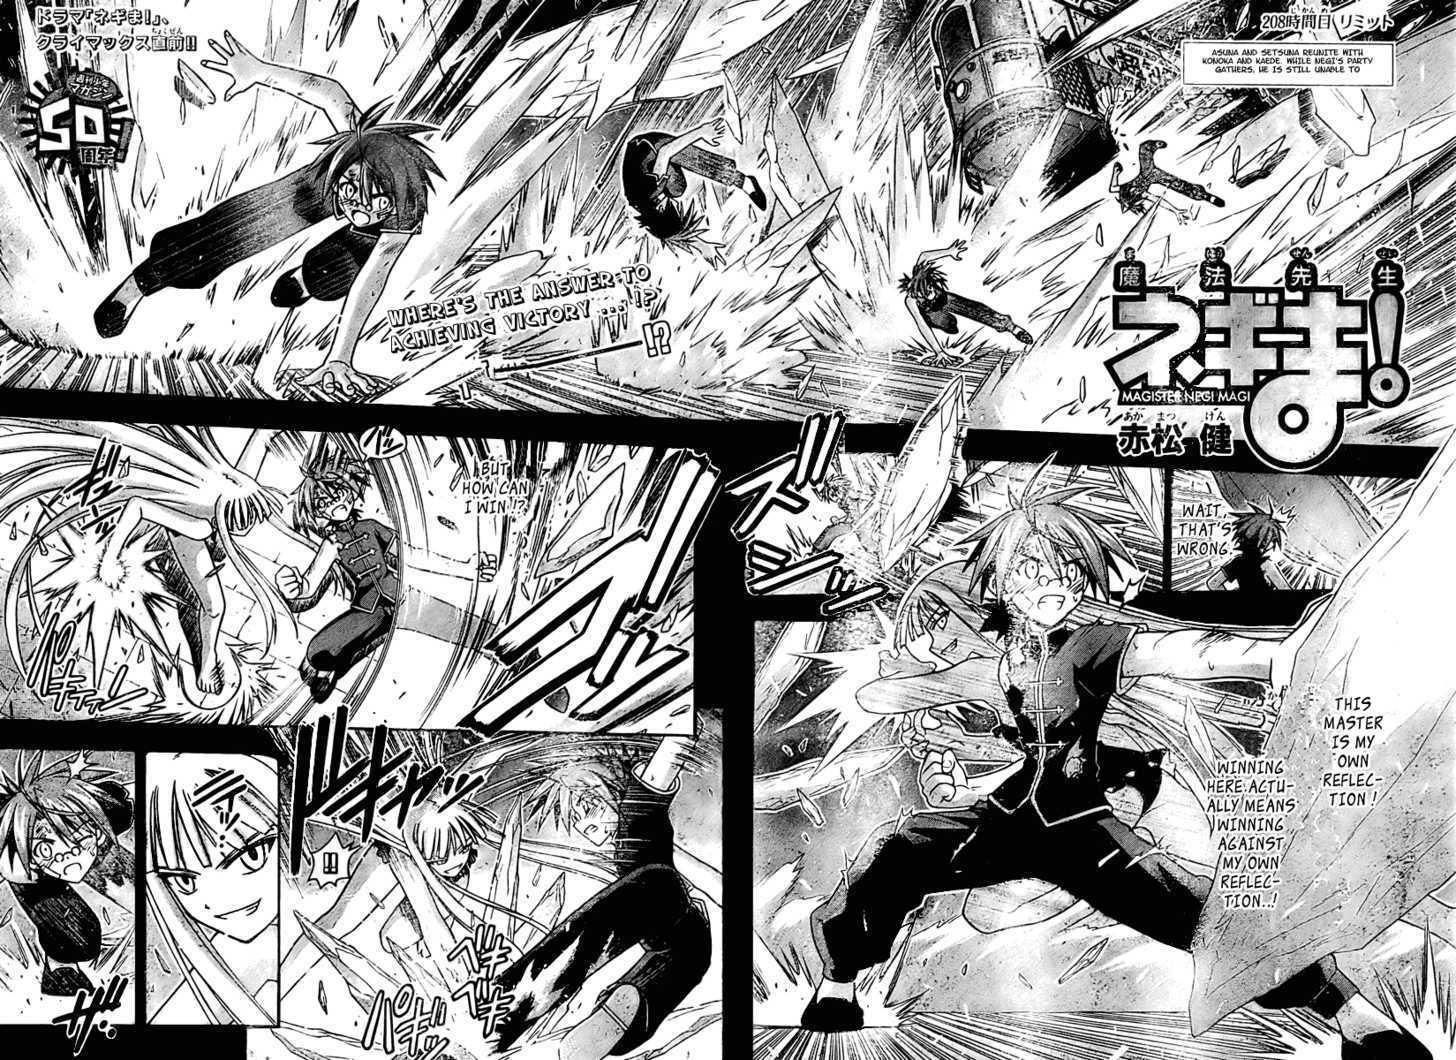 Mahou Sensei Negima! 208 Page 2